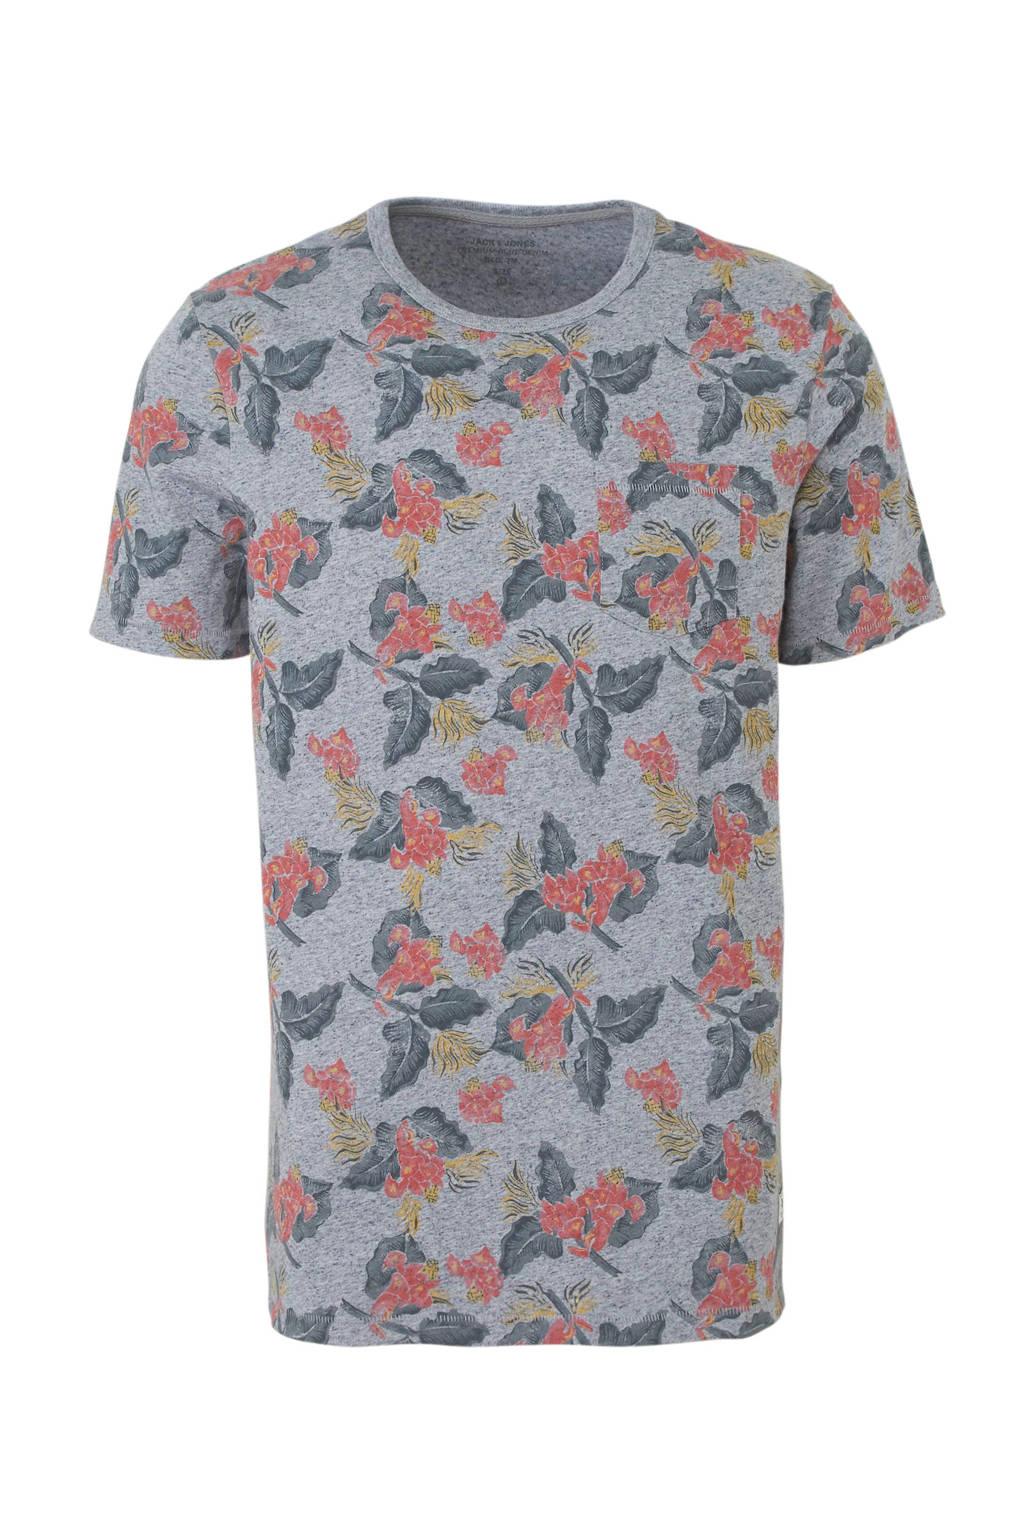 JACK & JONES PREMIUM T-shirt met all over print, Grijs